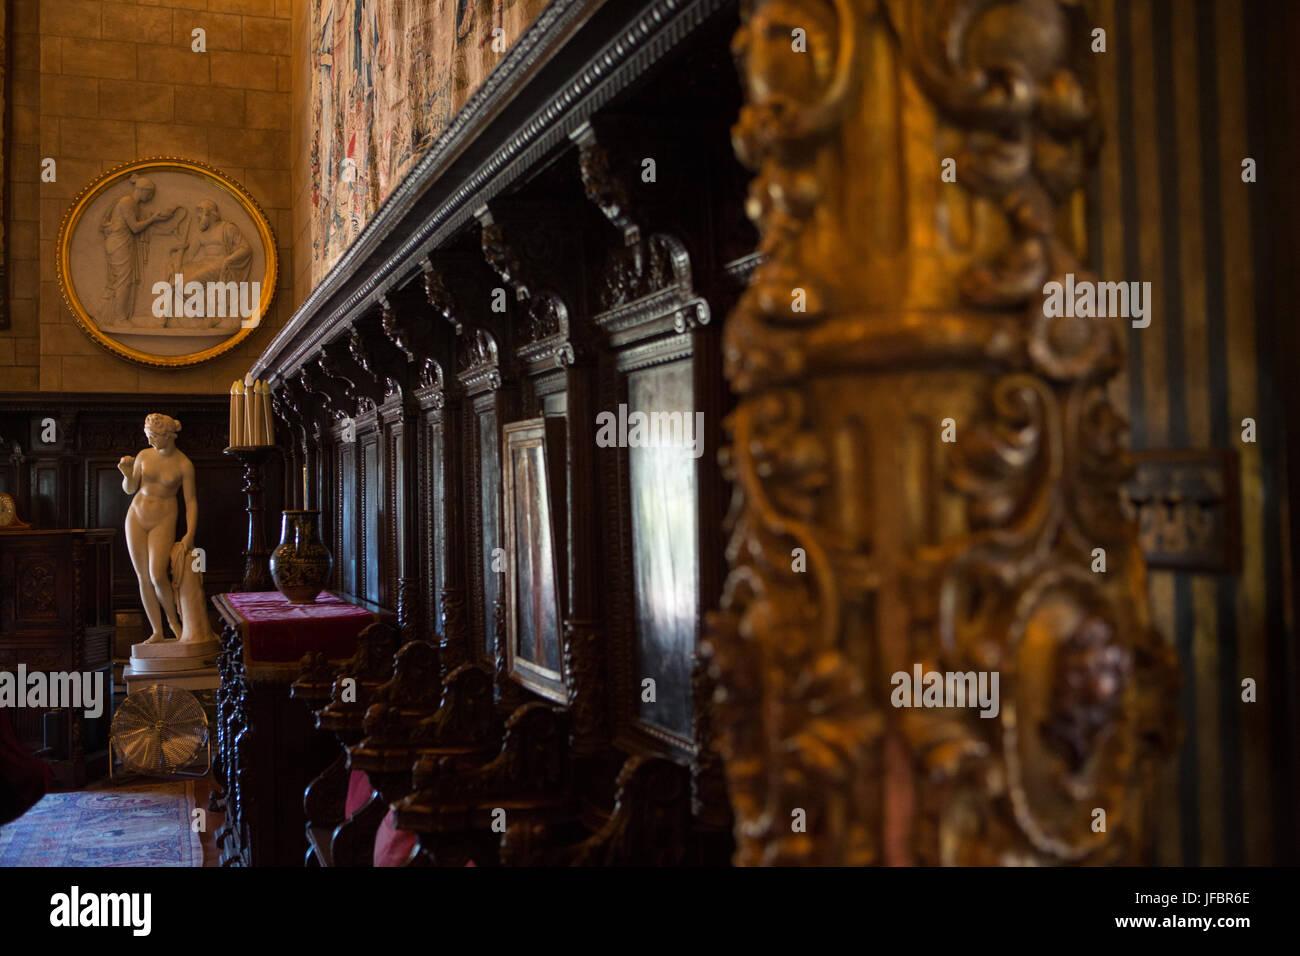 Il Castello di Hearst pareti interne sono decorate con coro sedia bancarelle, statue e decorazioni ornati. Foto Stock